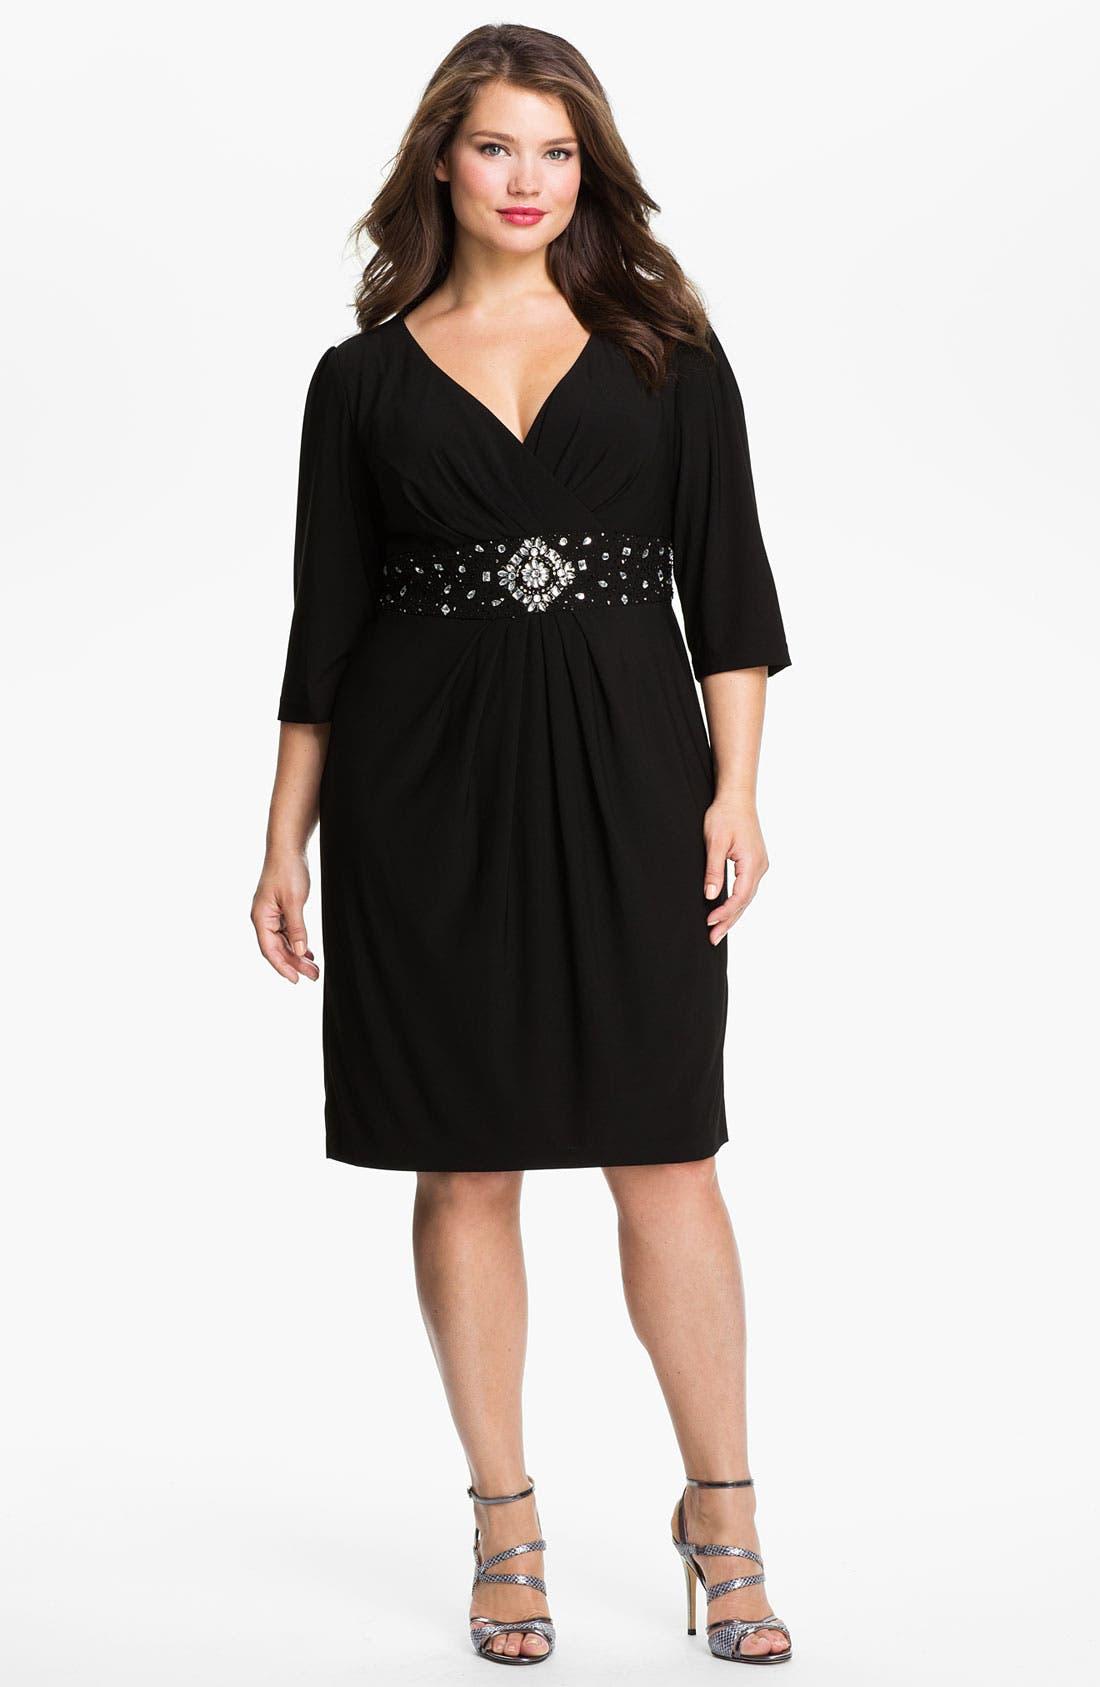 Alternate Image 1 Selected - Alex Evenings Beaded Surplice Dress (Plus Size)